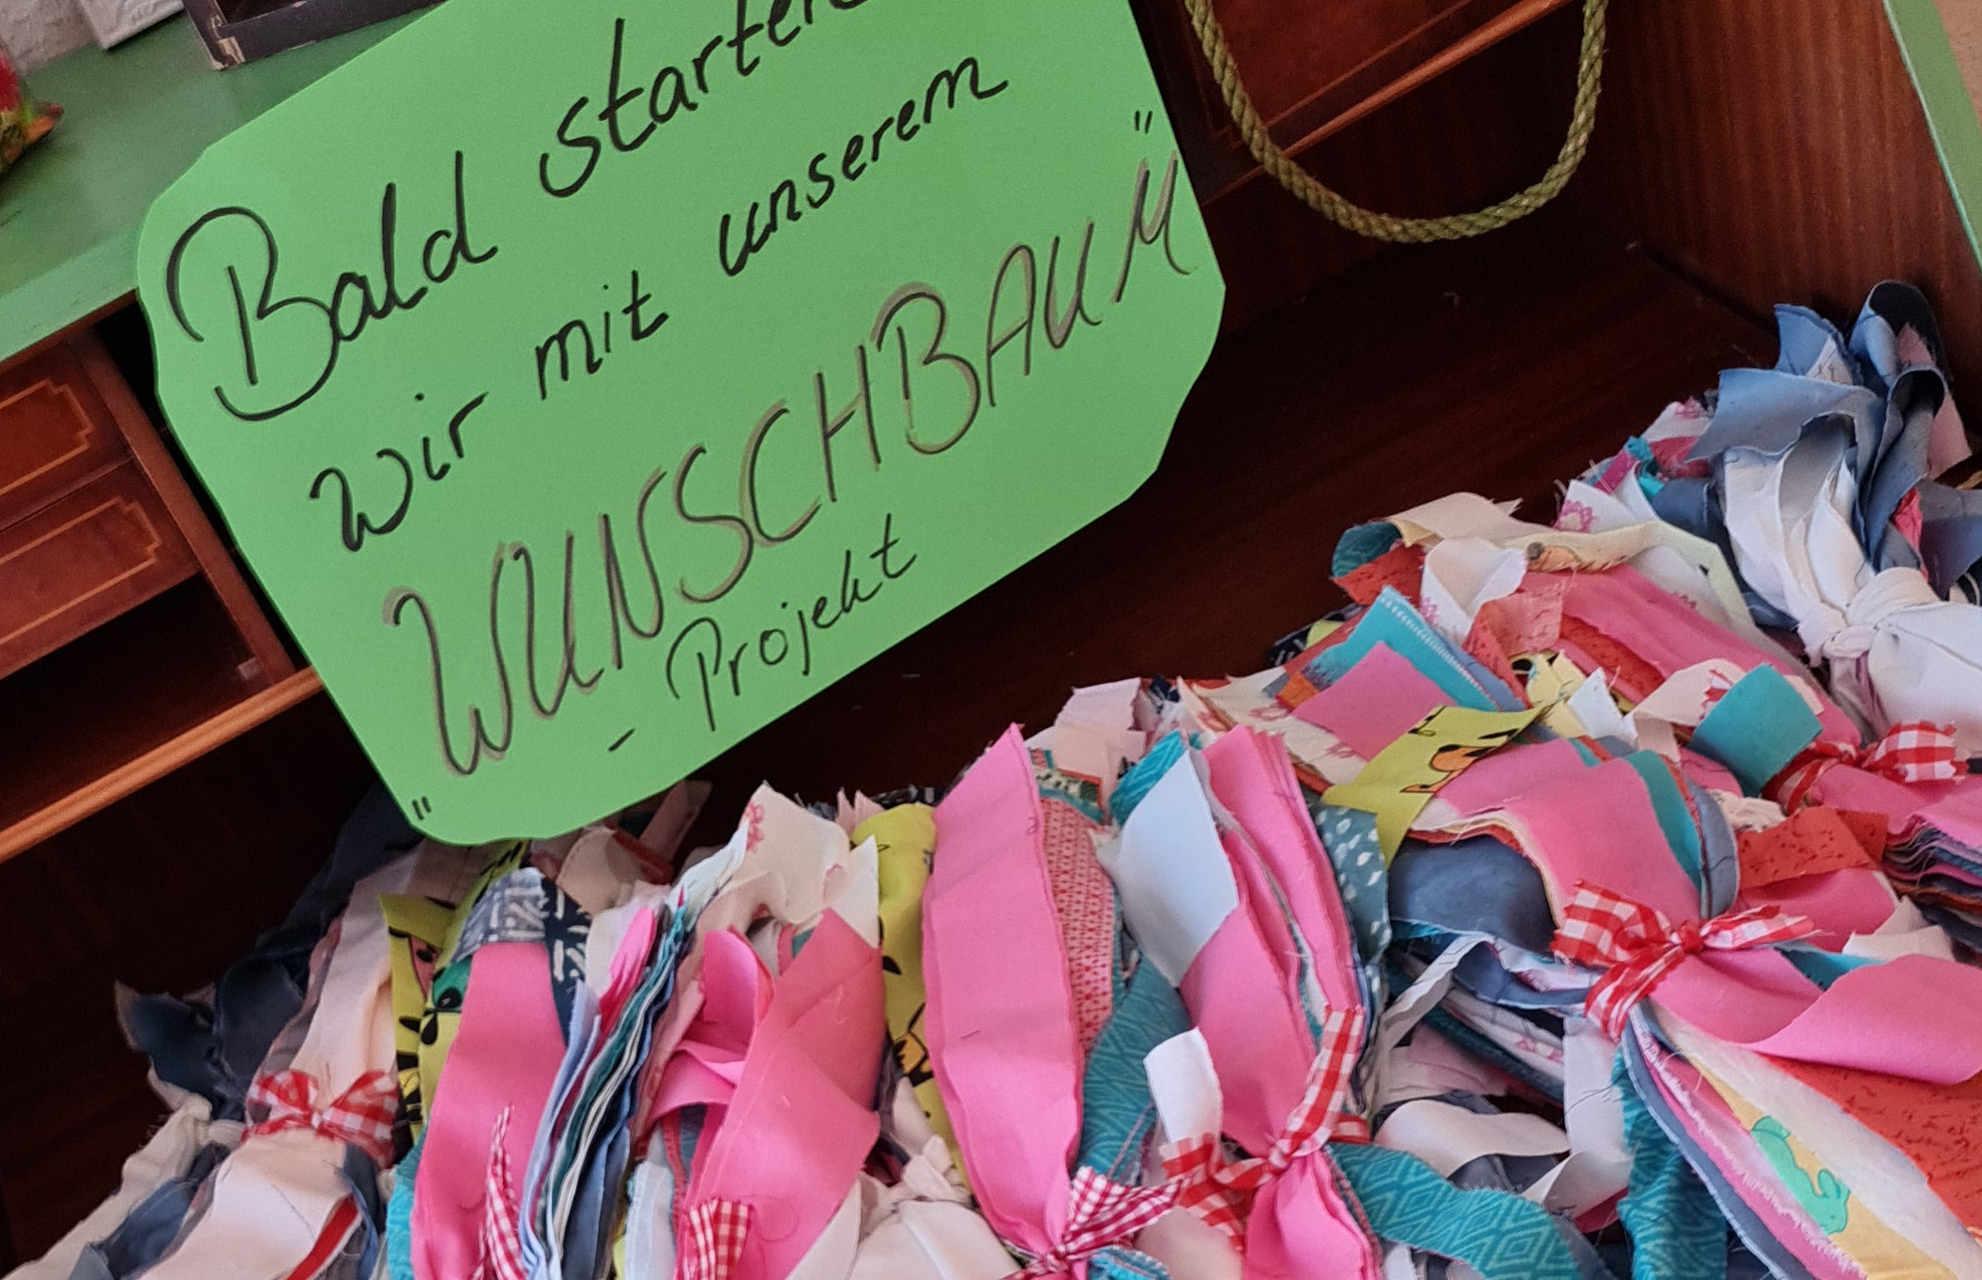 Wunschbaumprojekt